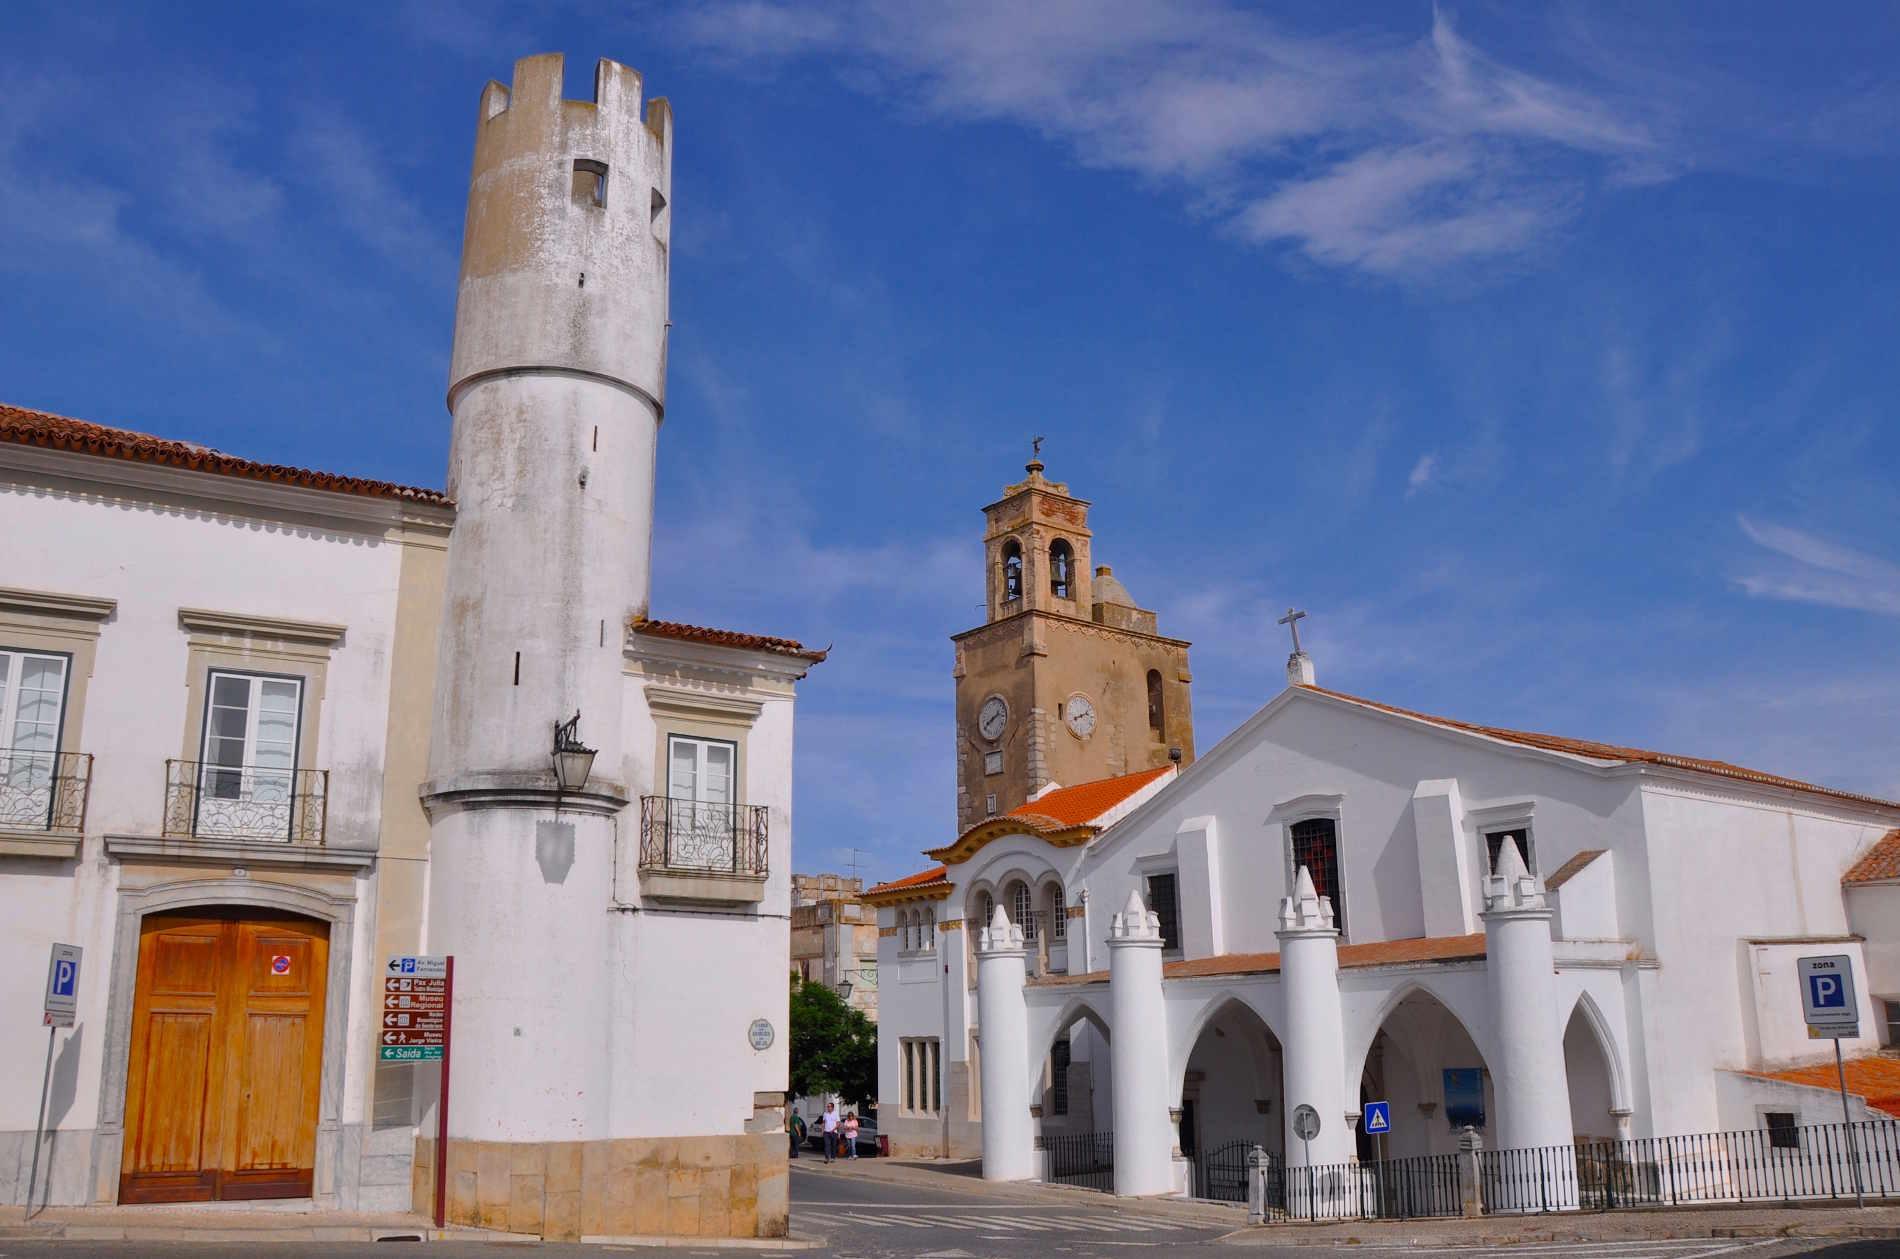 Portogallo - Beja, nellla Regione dell'Alentejo, spuntidiviaggio intervsta Liliana Navarra